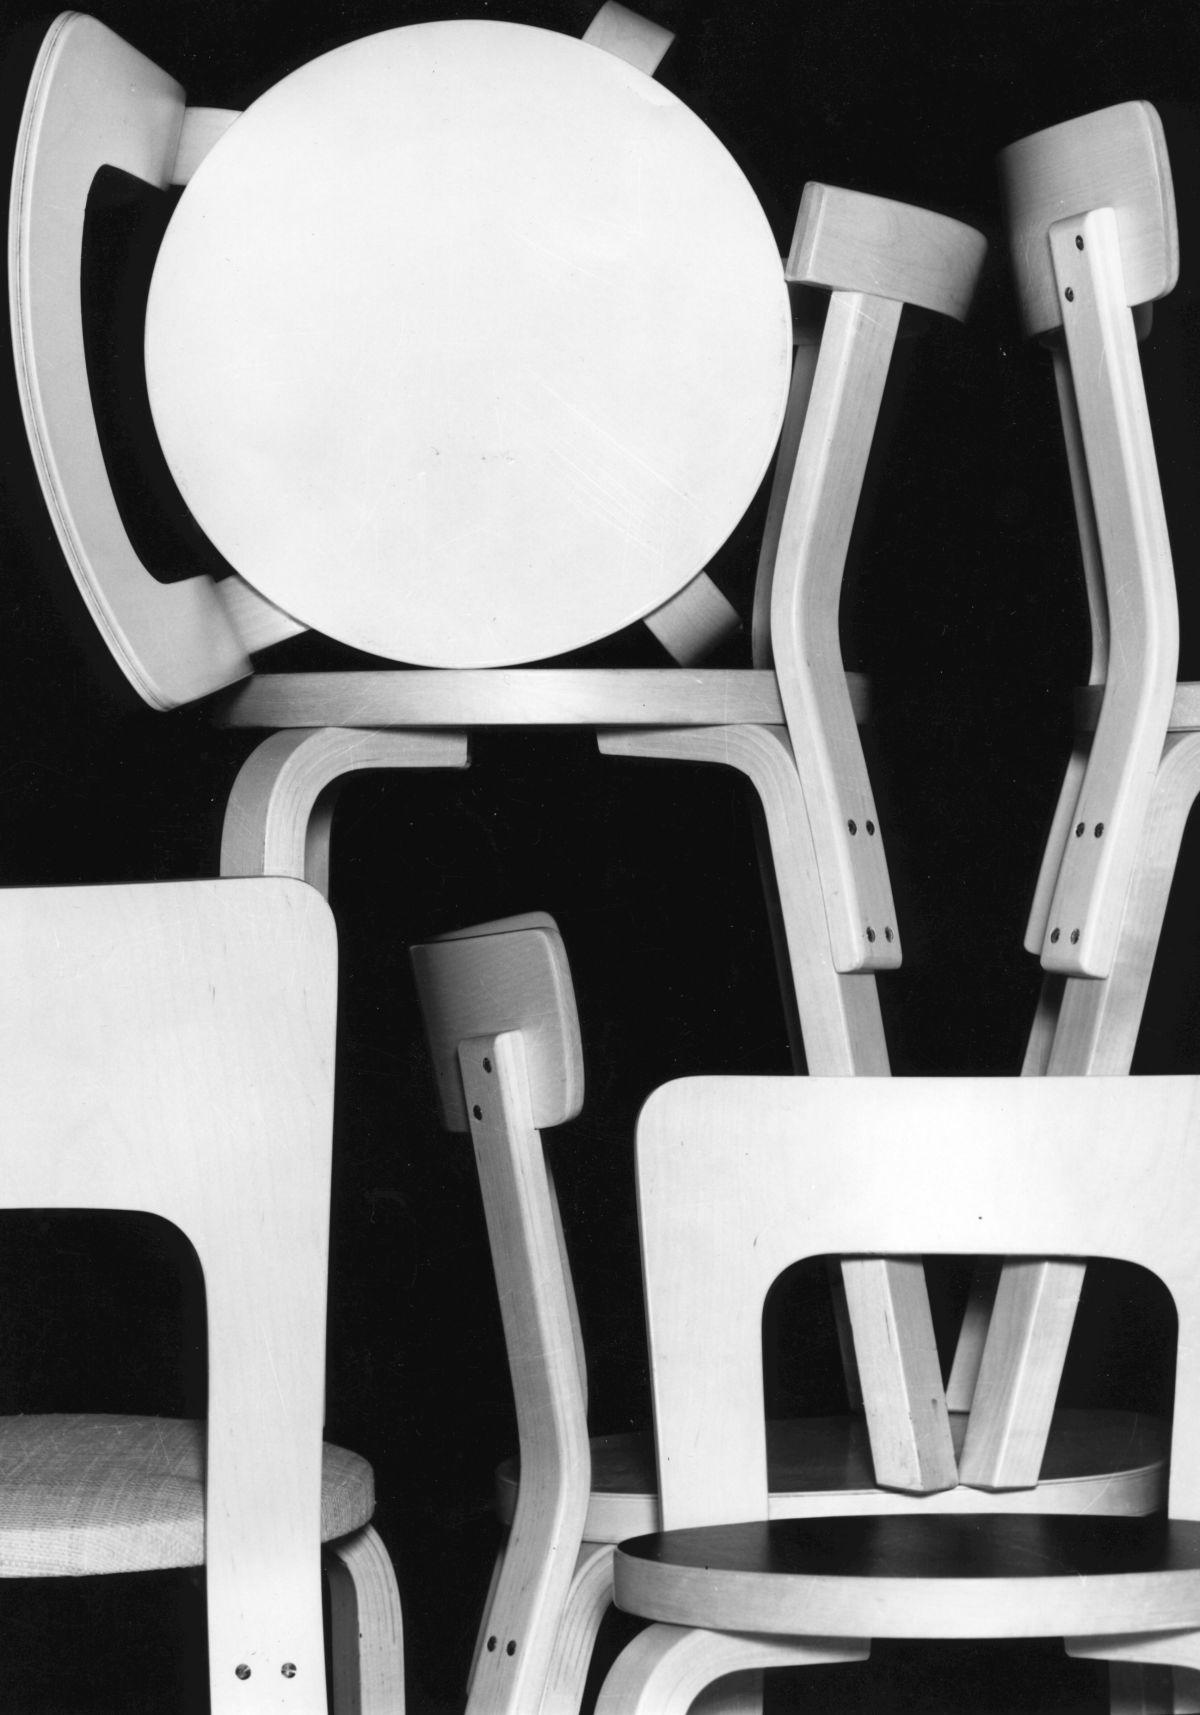 Chair-66-Chair-65-Black-White-Image-1856588